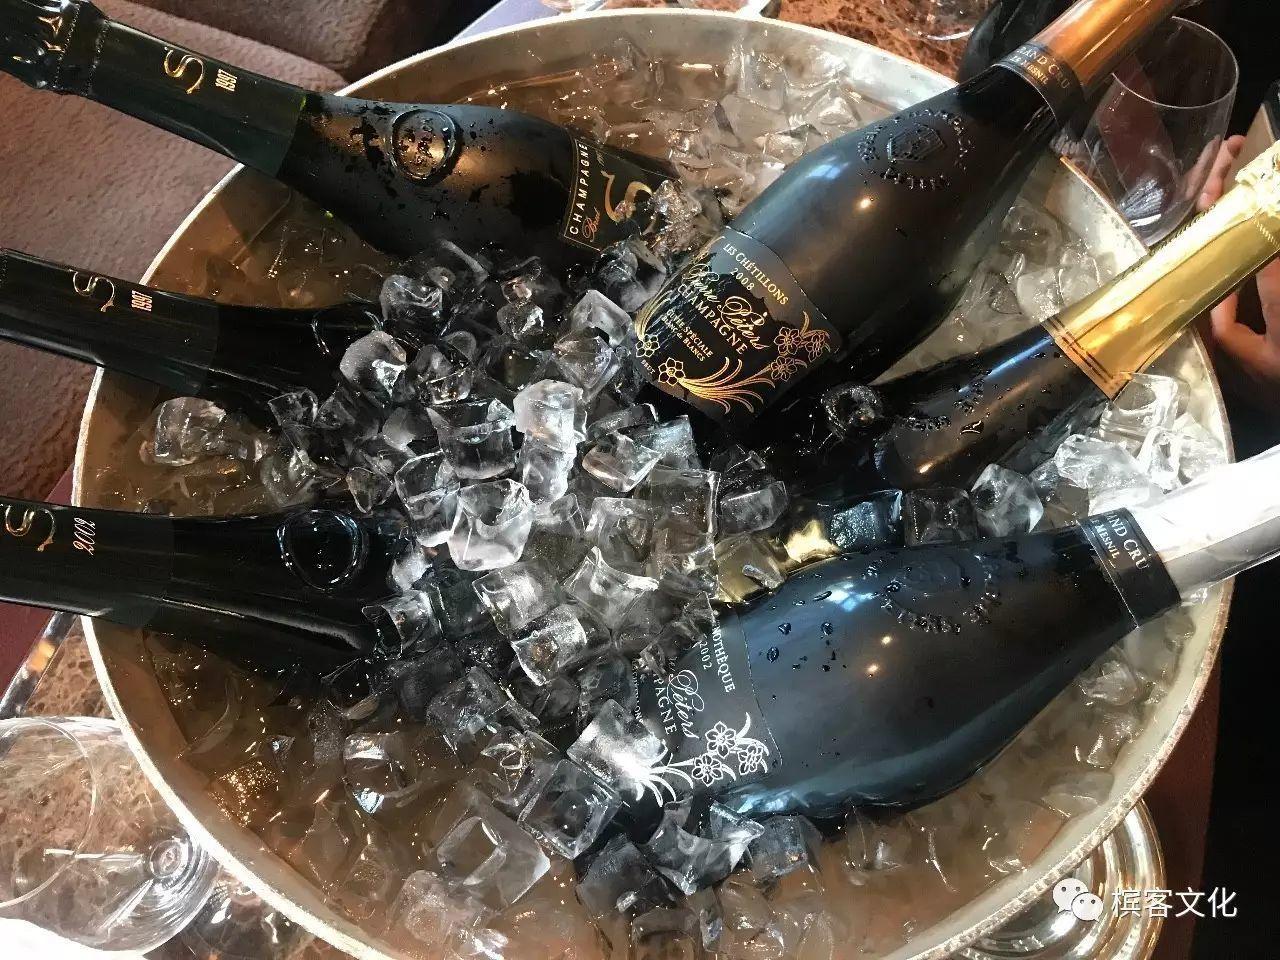 香槟分级按村算?17个特级村分别有多大?哪些代表好香槟?